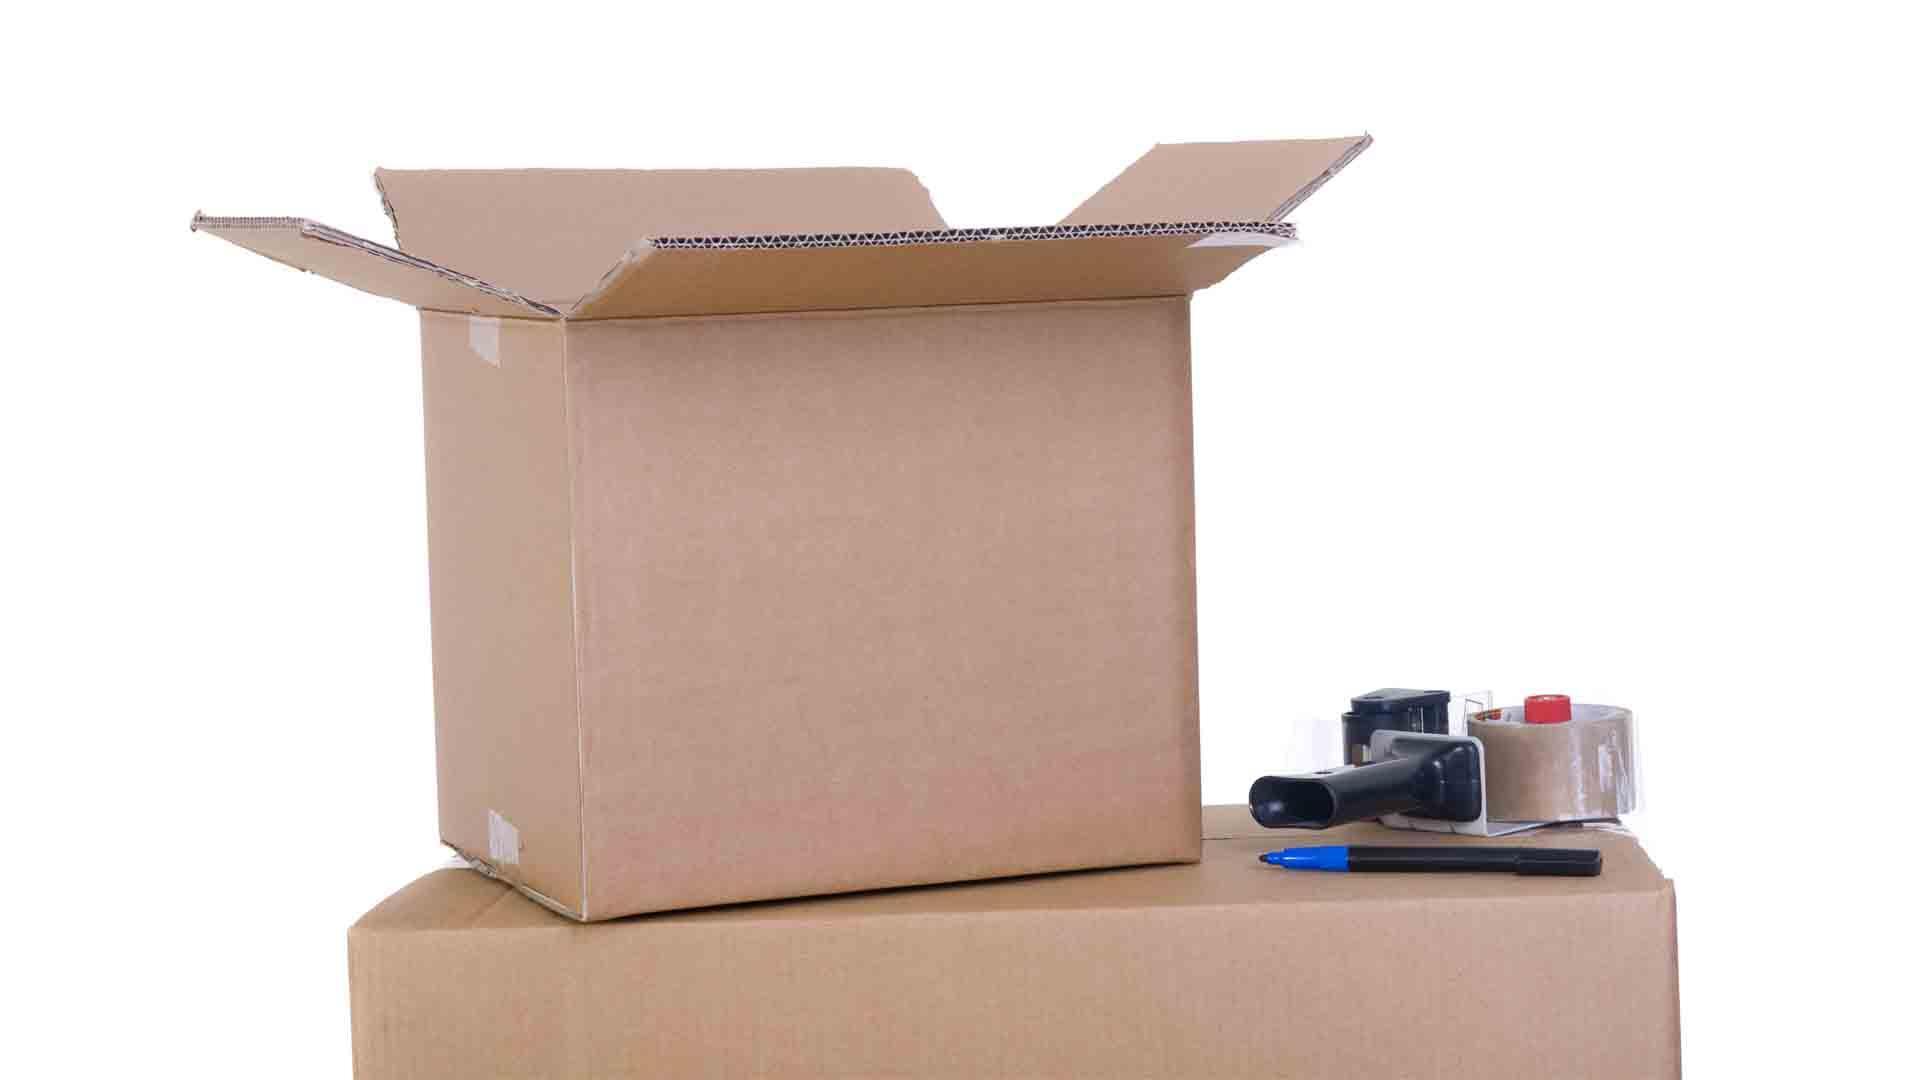 votre entreprise de d m nagement perpignan prades garde meubles cartons de d m nagement you. Black Bedroom Furniture Sets. Home Design Ideas